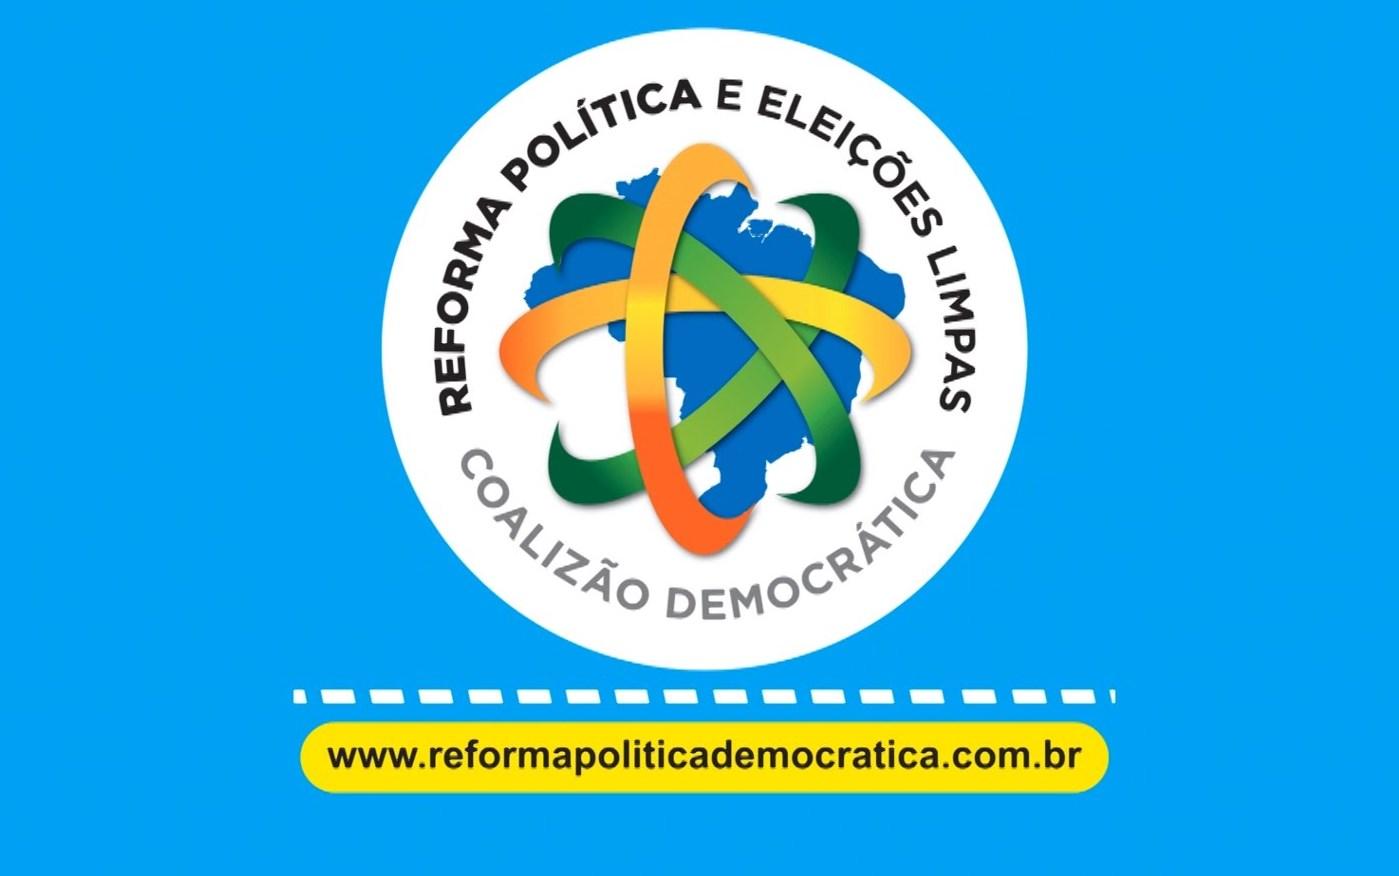 NÃO AO FINANCIAMENTO COALISÃO REFORMA POLITICA (2)